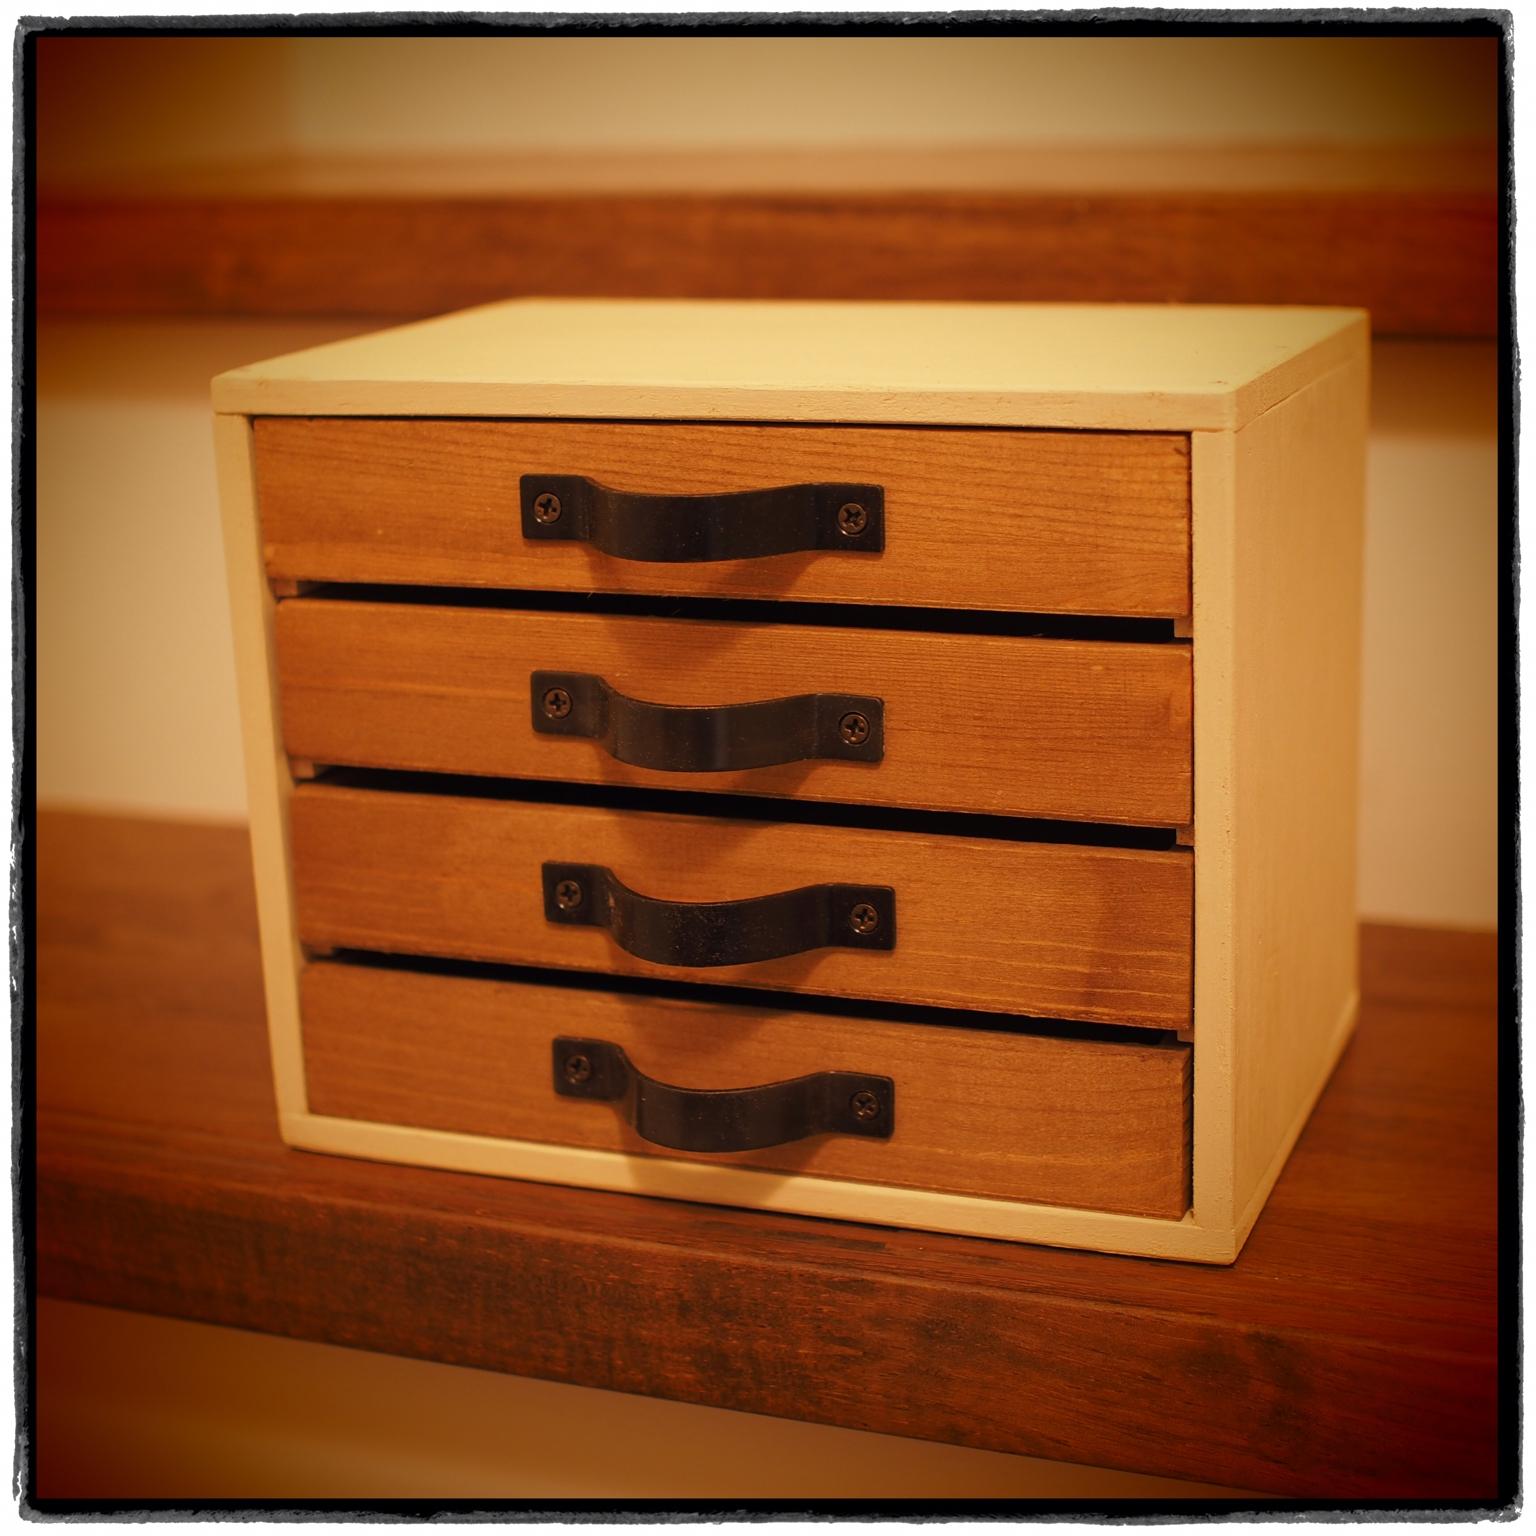 かっこよくて味のある木製のレターケースに大切なお手紙を。のサムネイル画像